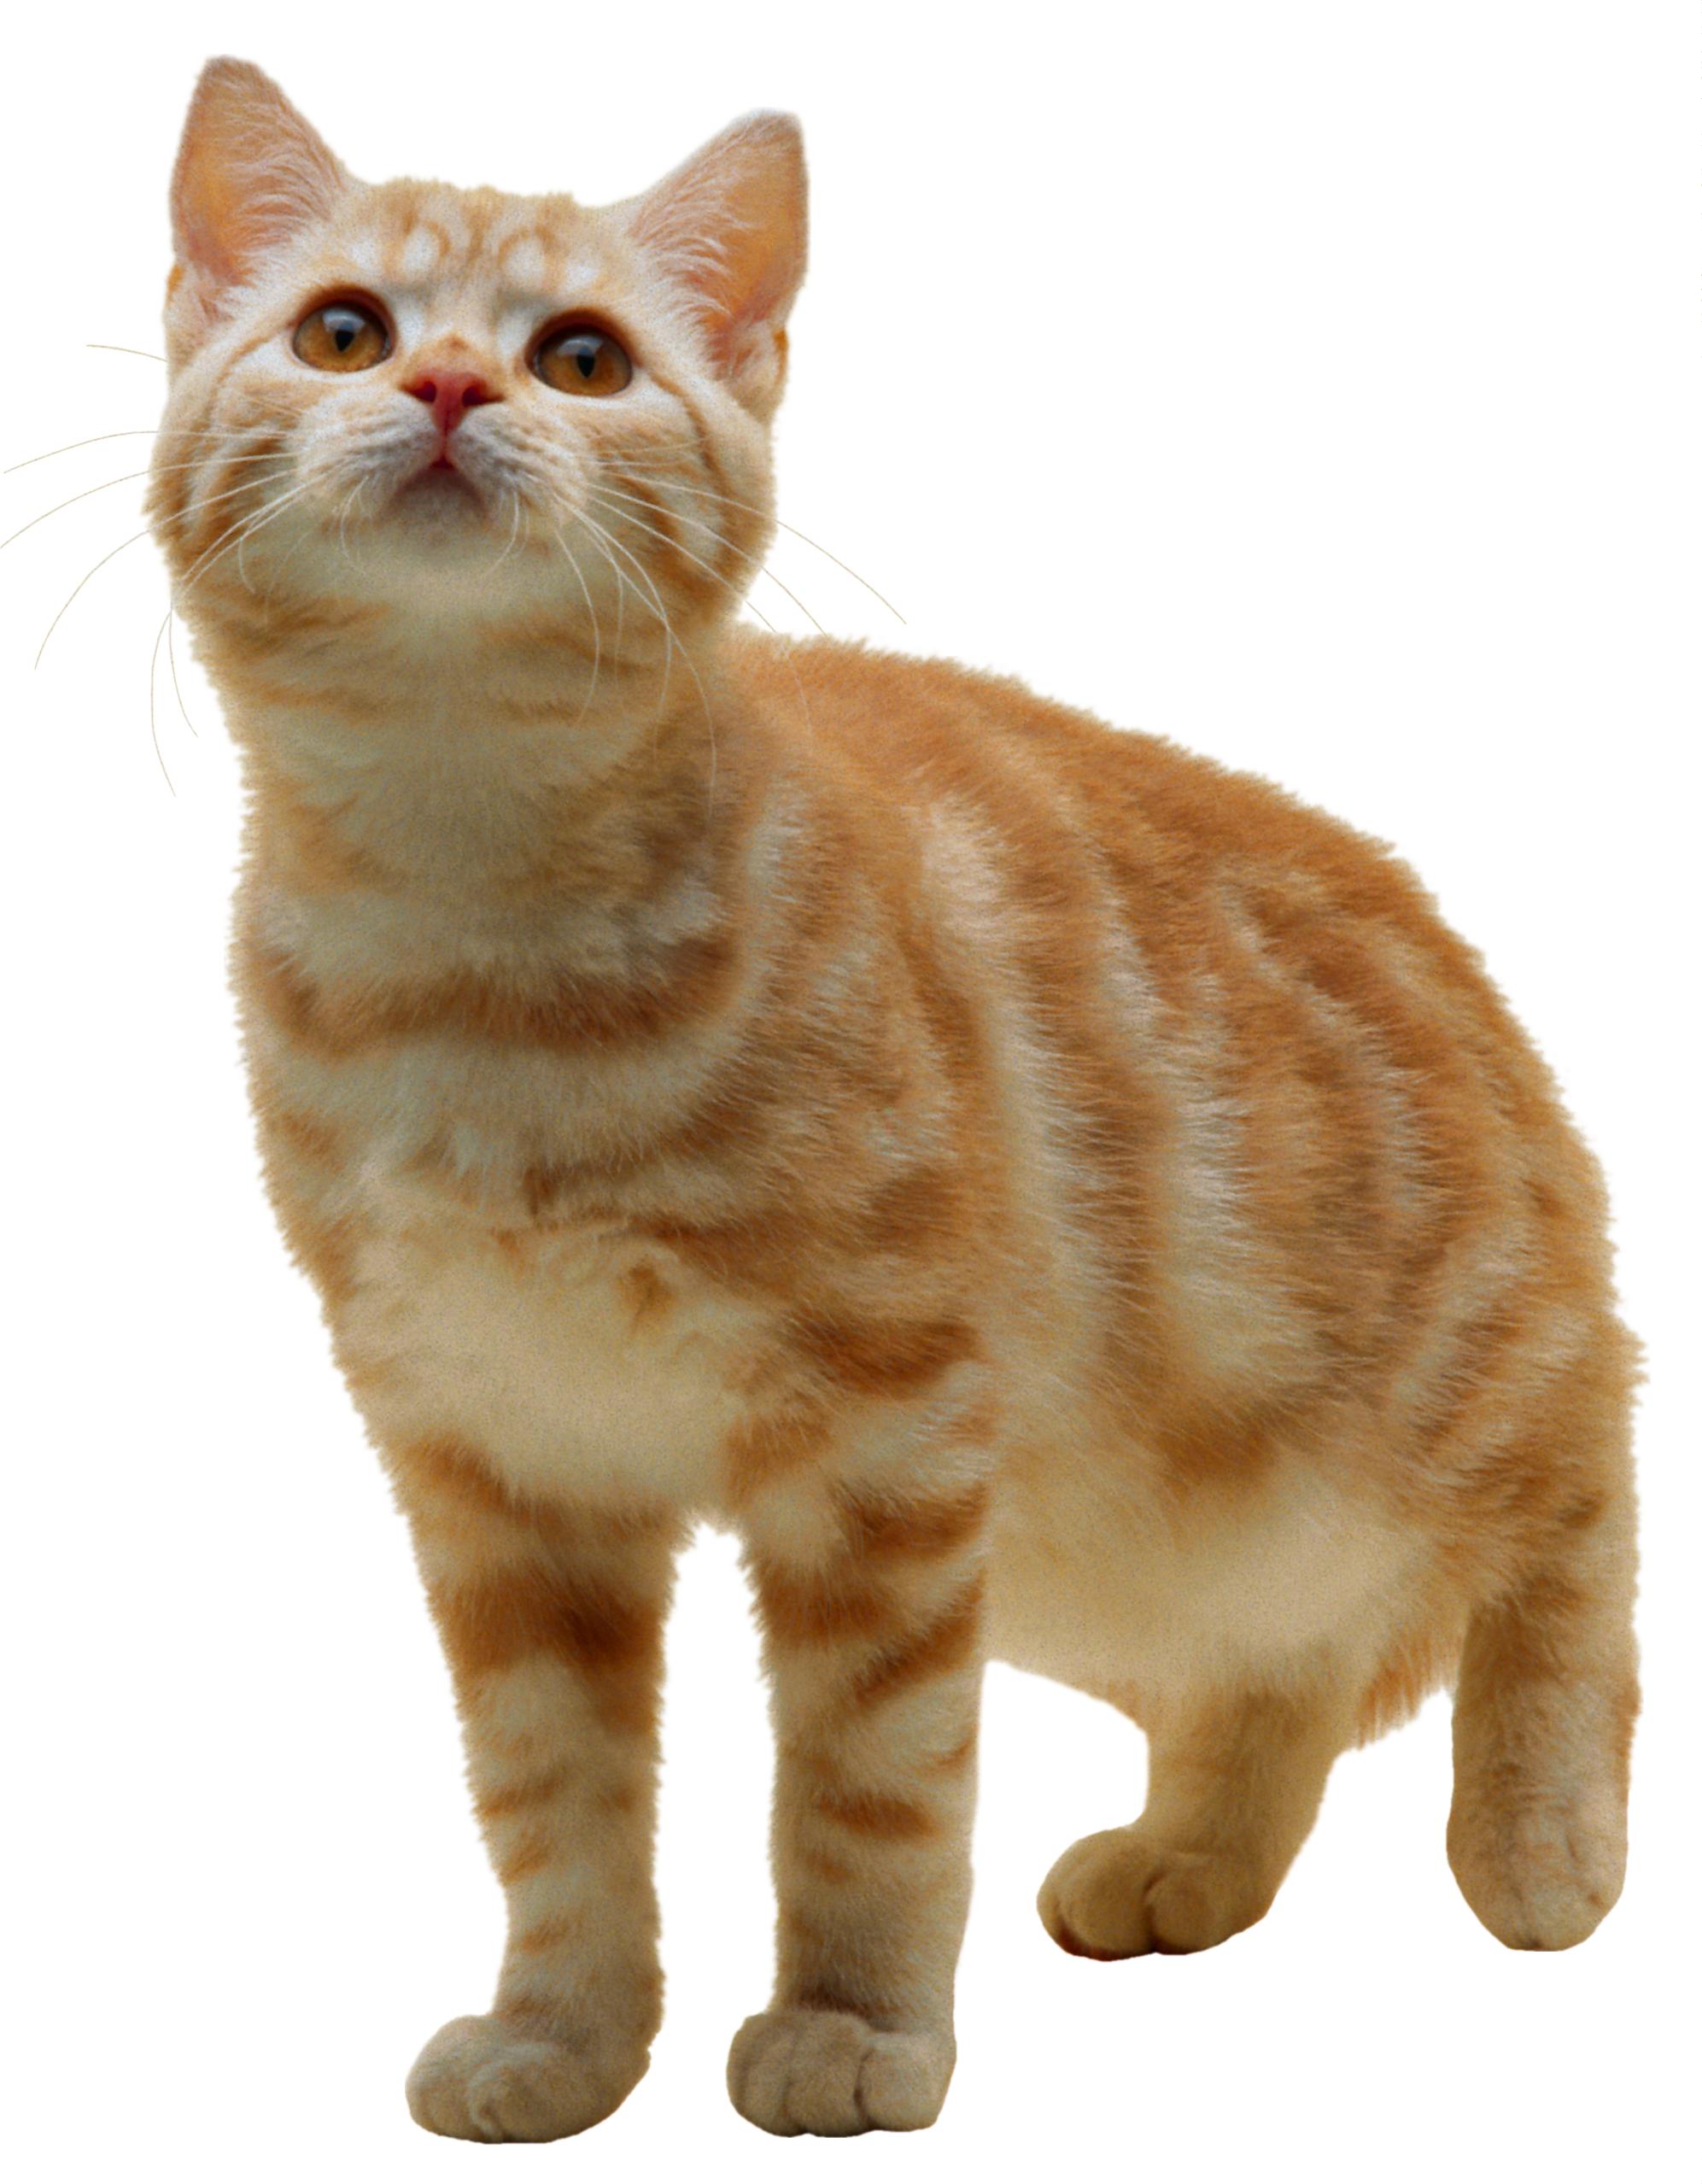 Cat PNG - 15581